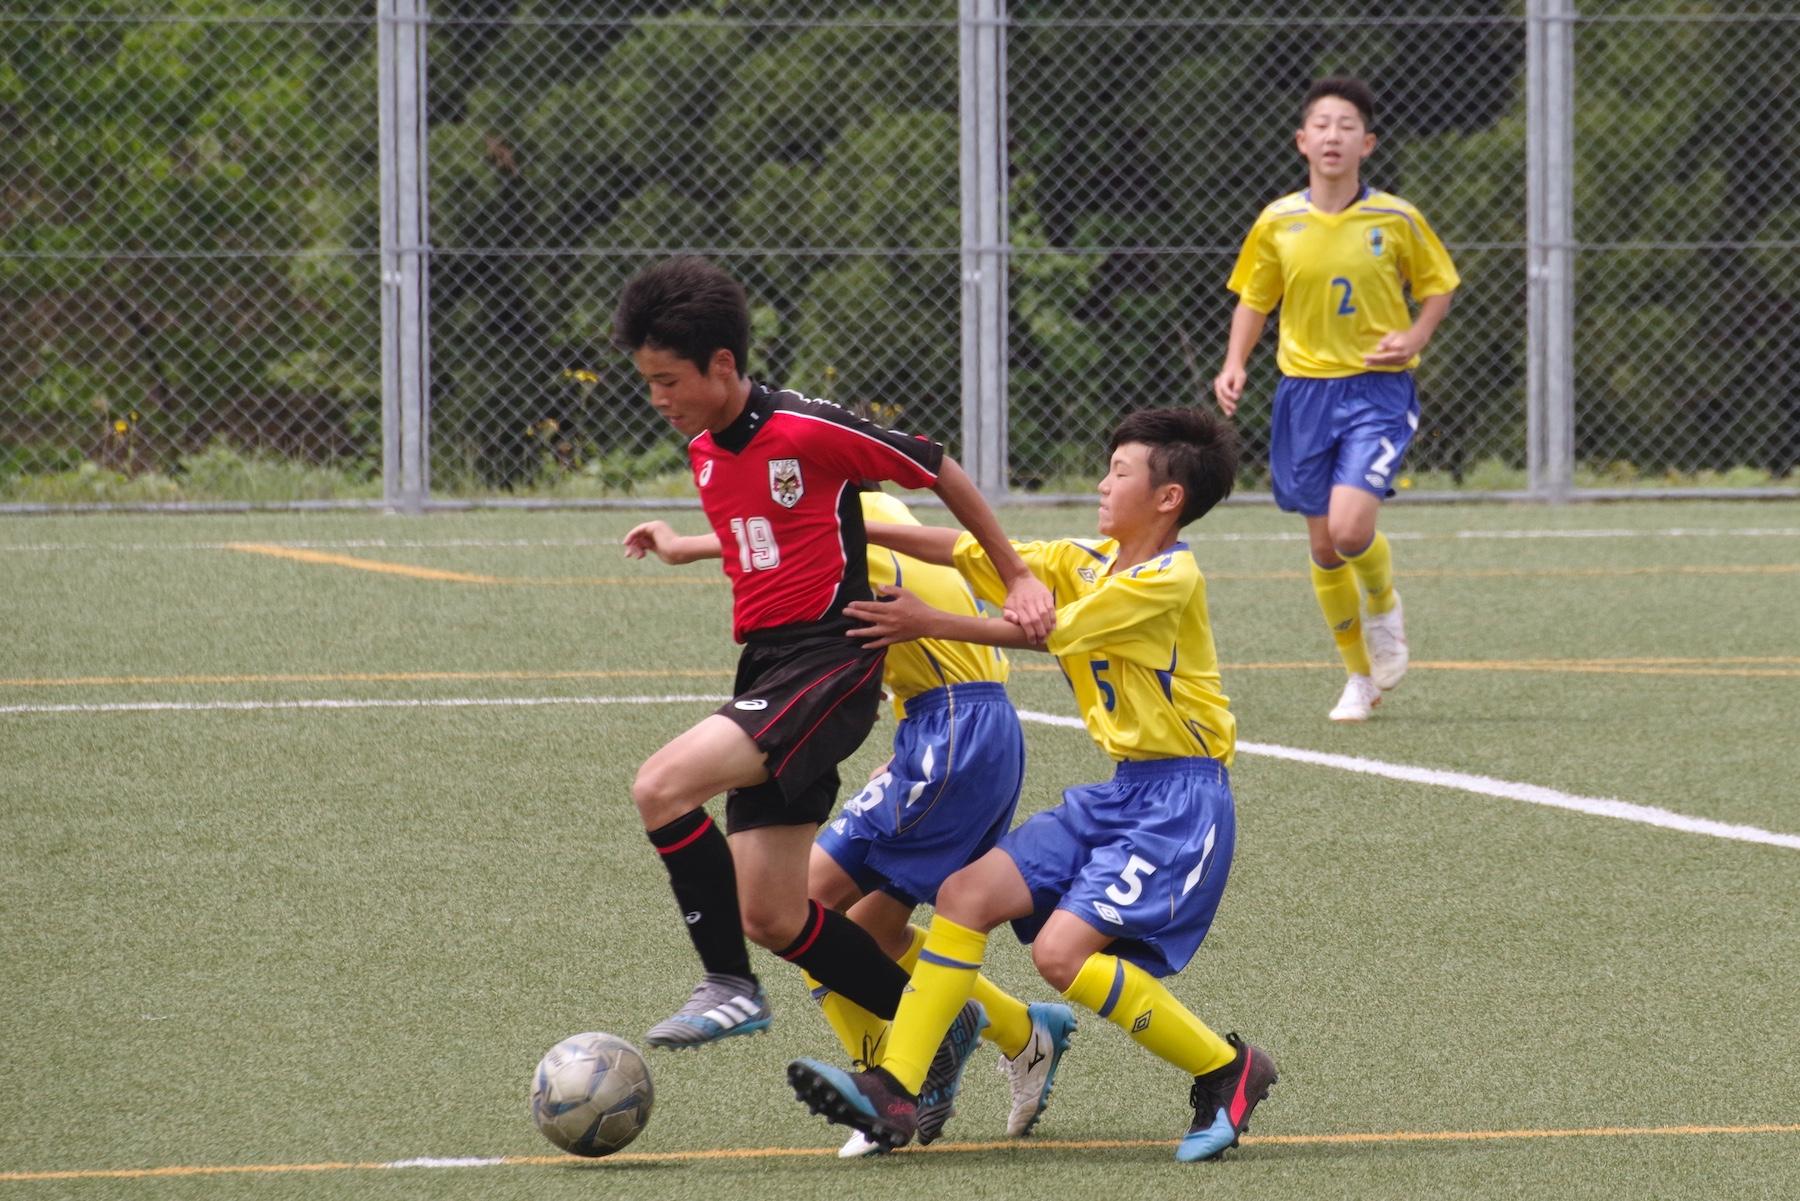 鳥取県クラブユース選手権 U-15大会 予選 vsセリオ